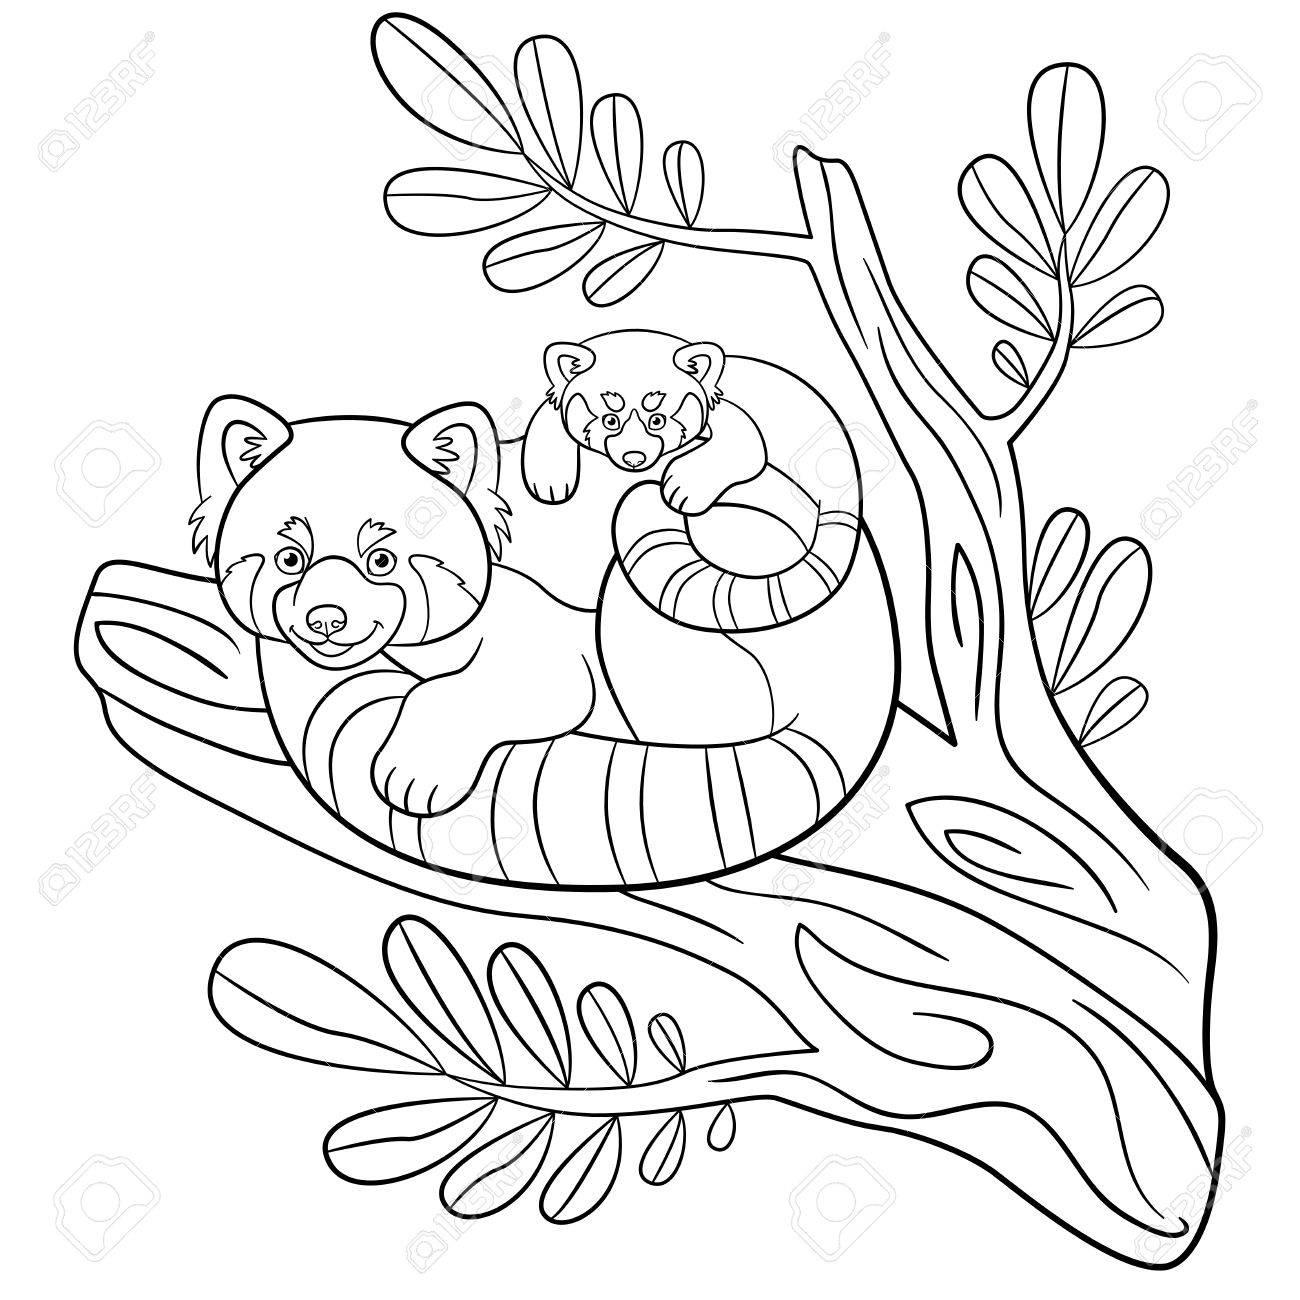 Páginas Para Colorear. Madre Panda Rojo Se Sienta En La Rama De Un ...